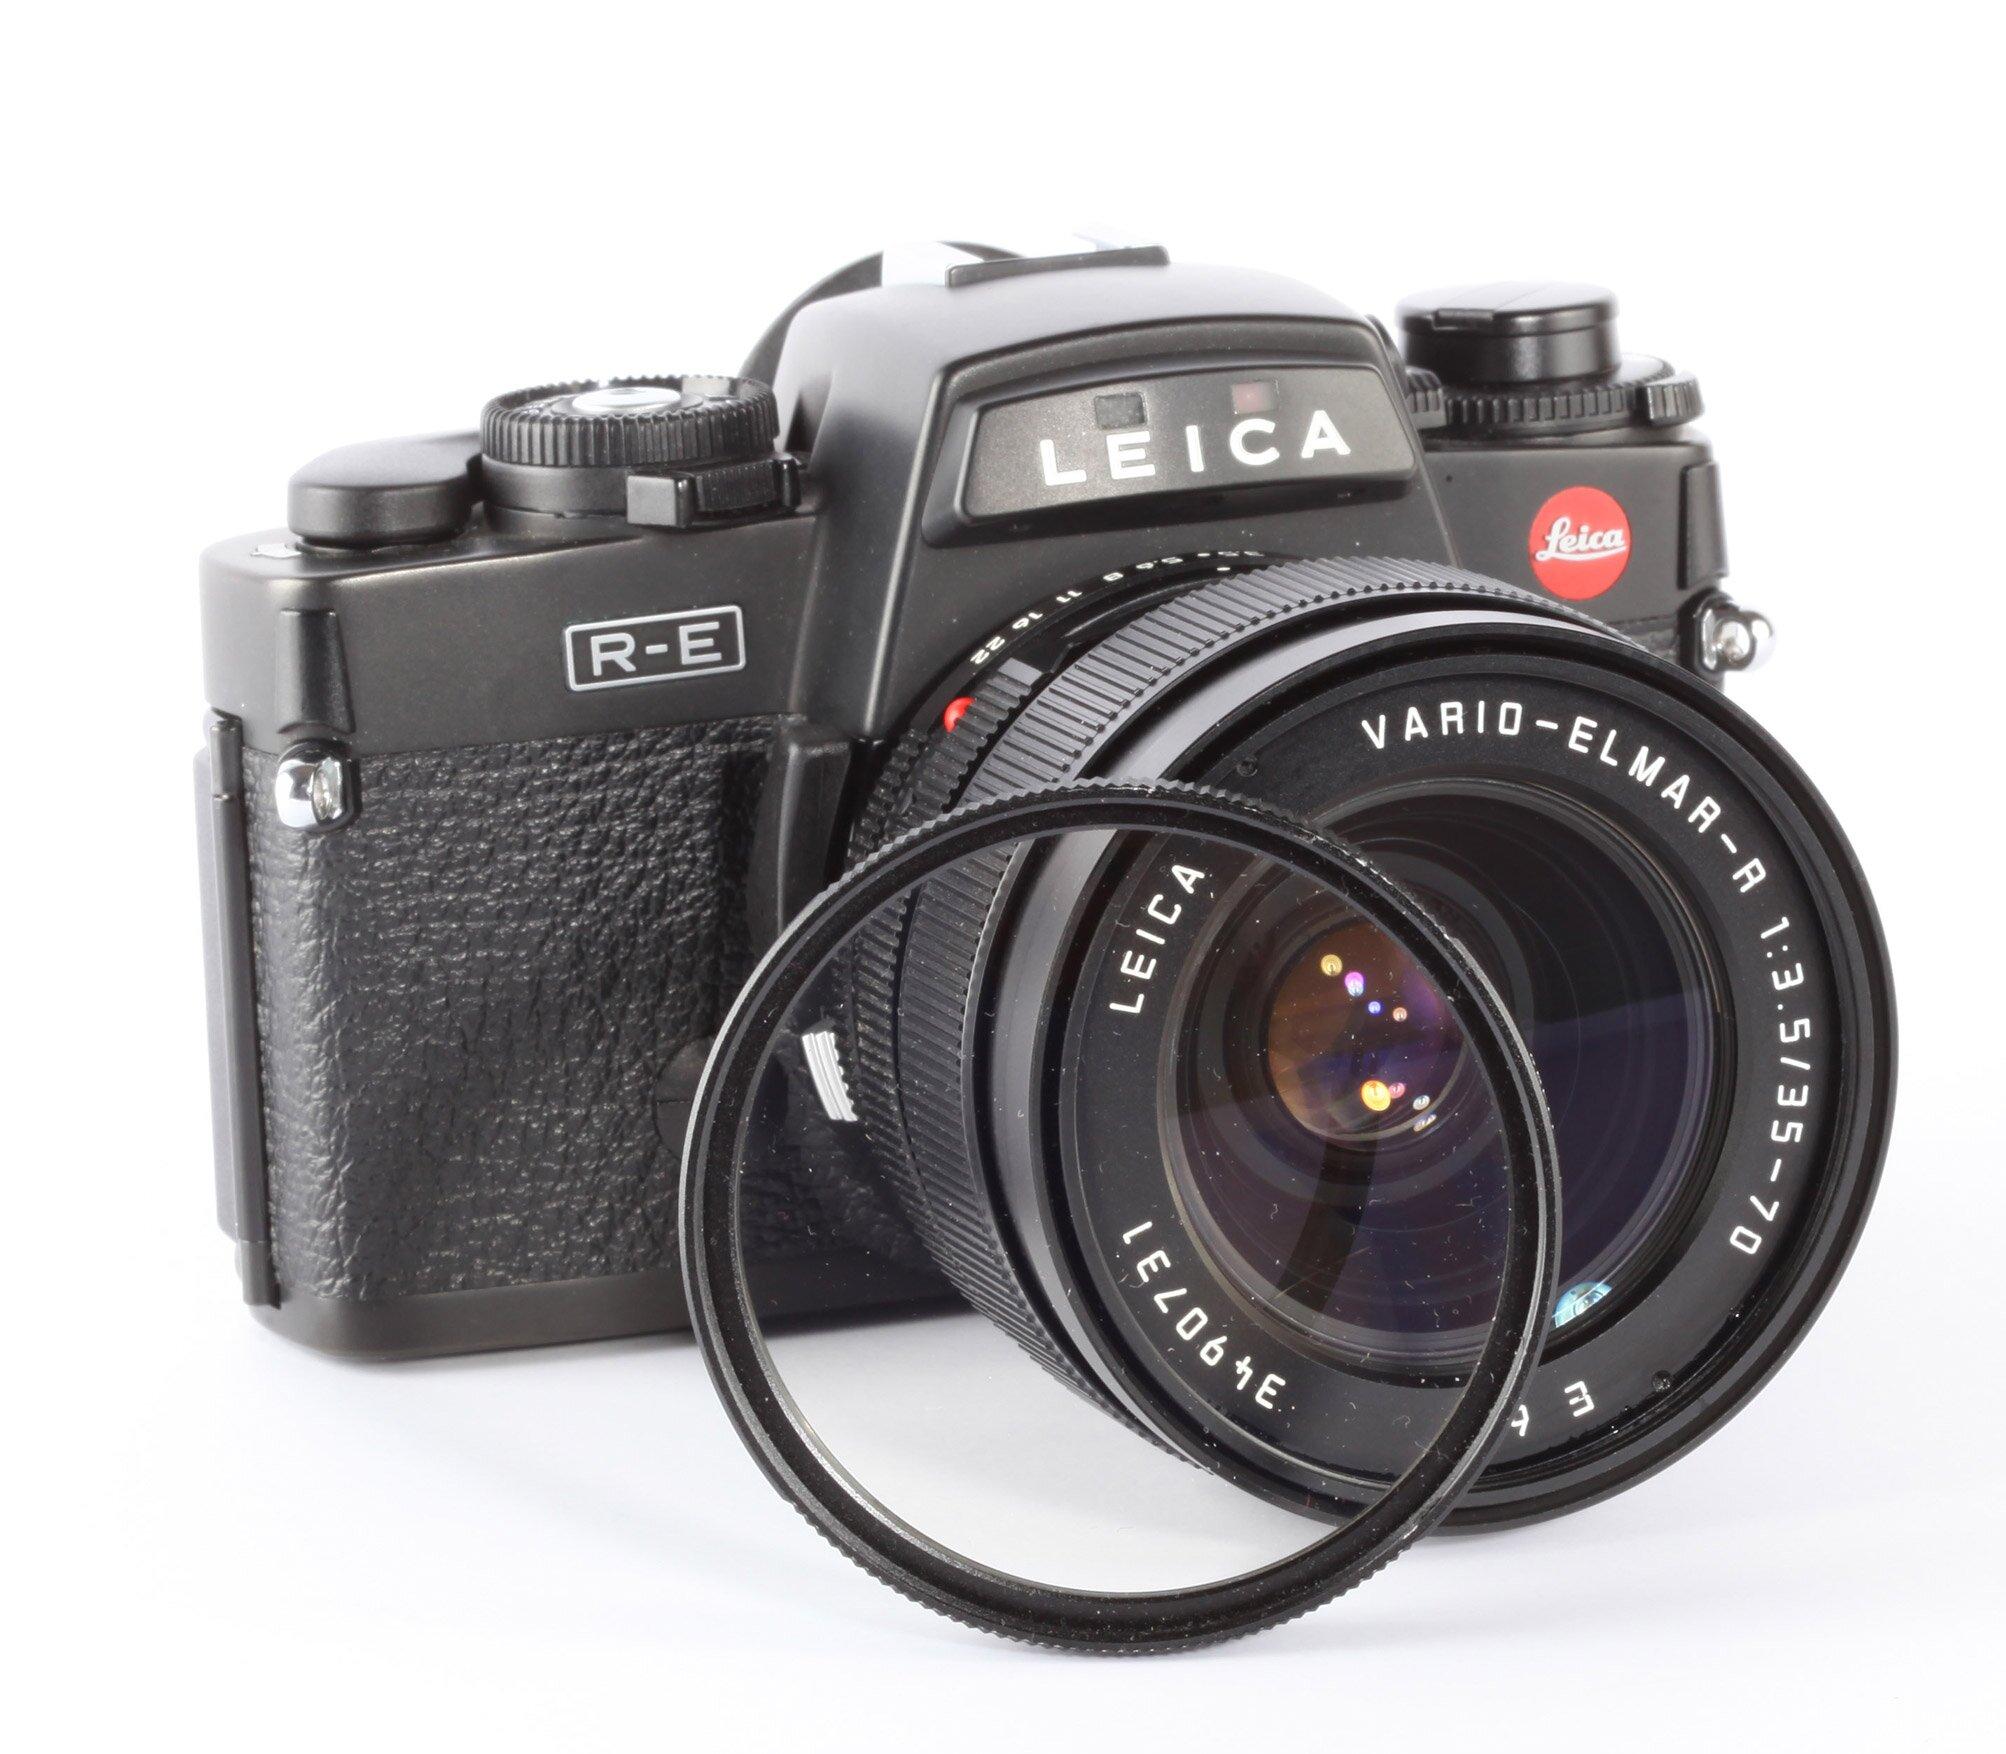 Leica R-E + Leica Vario-Elmarit 3,5/35-70mm